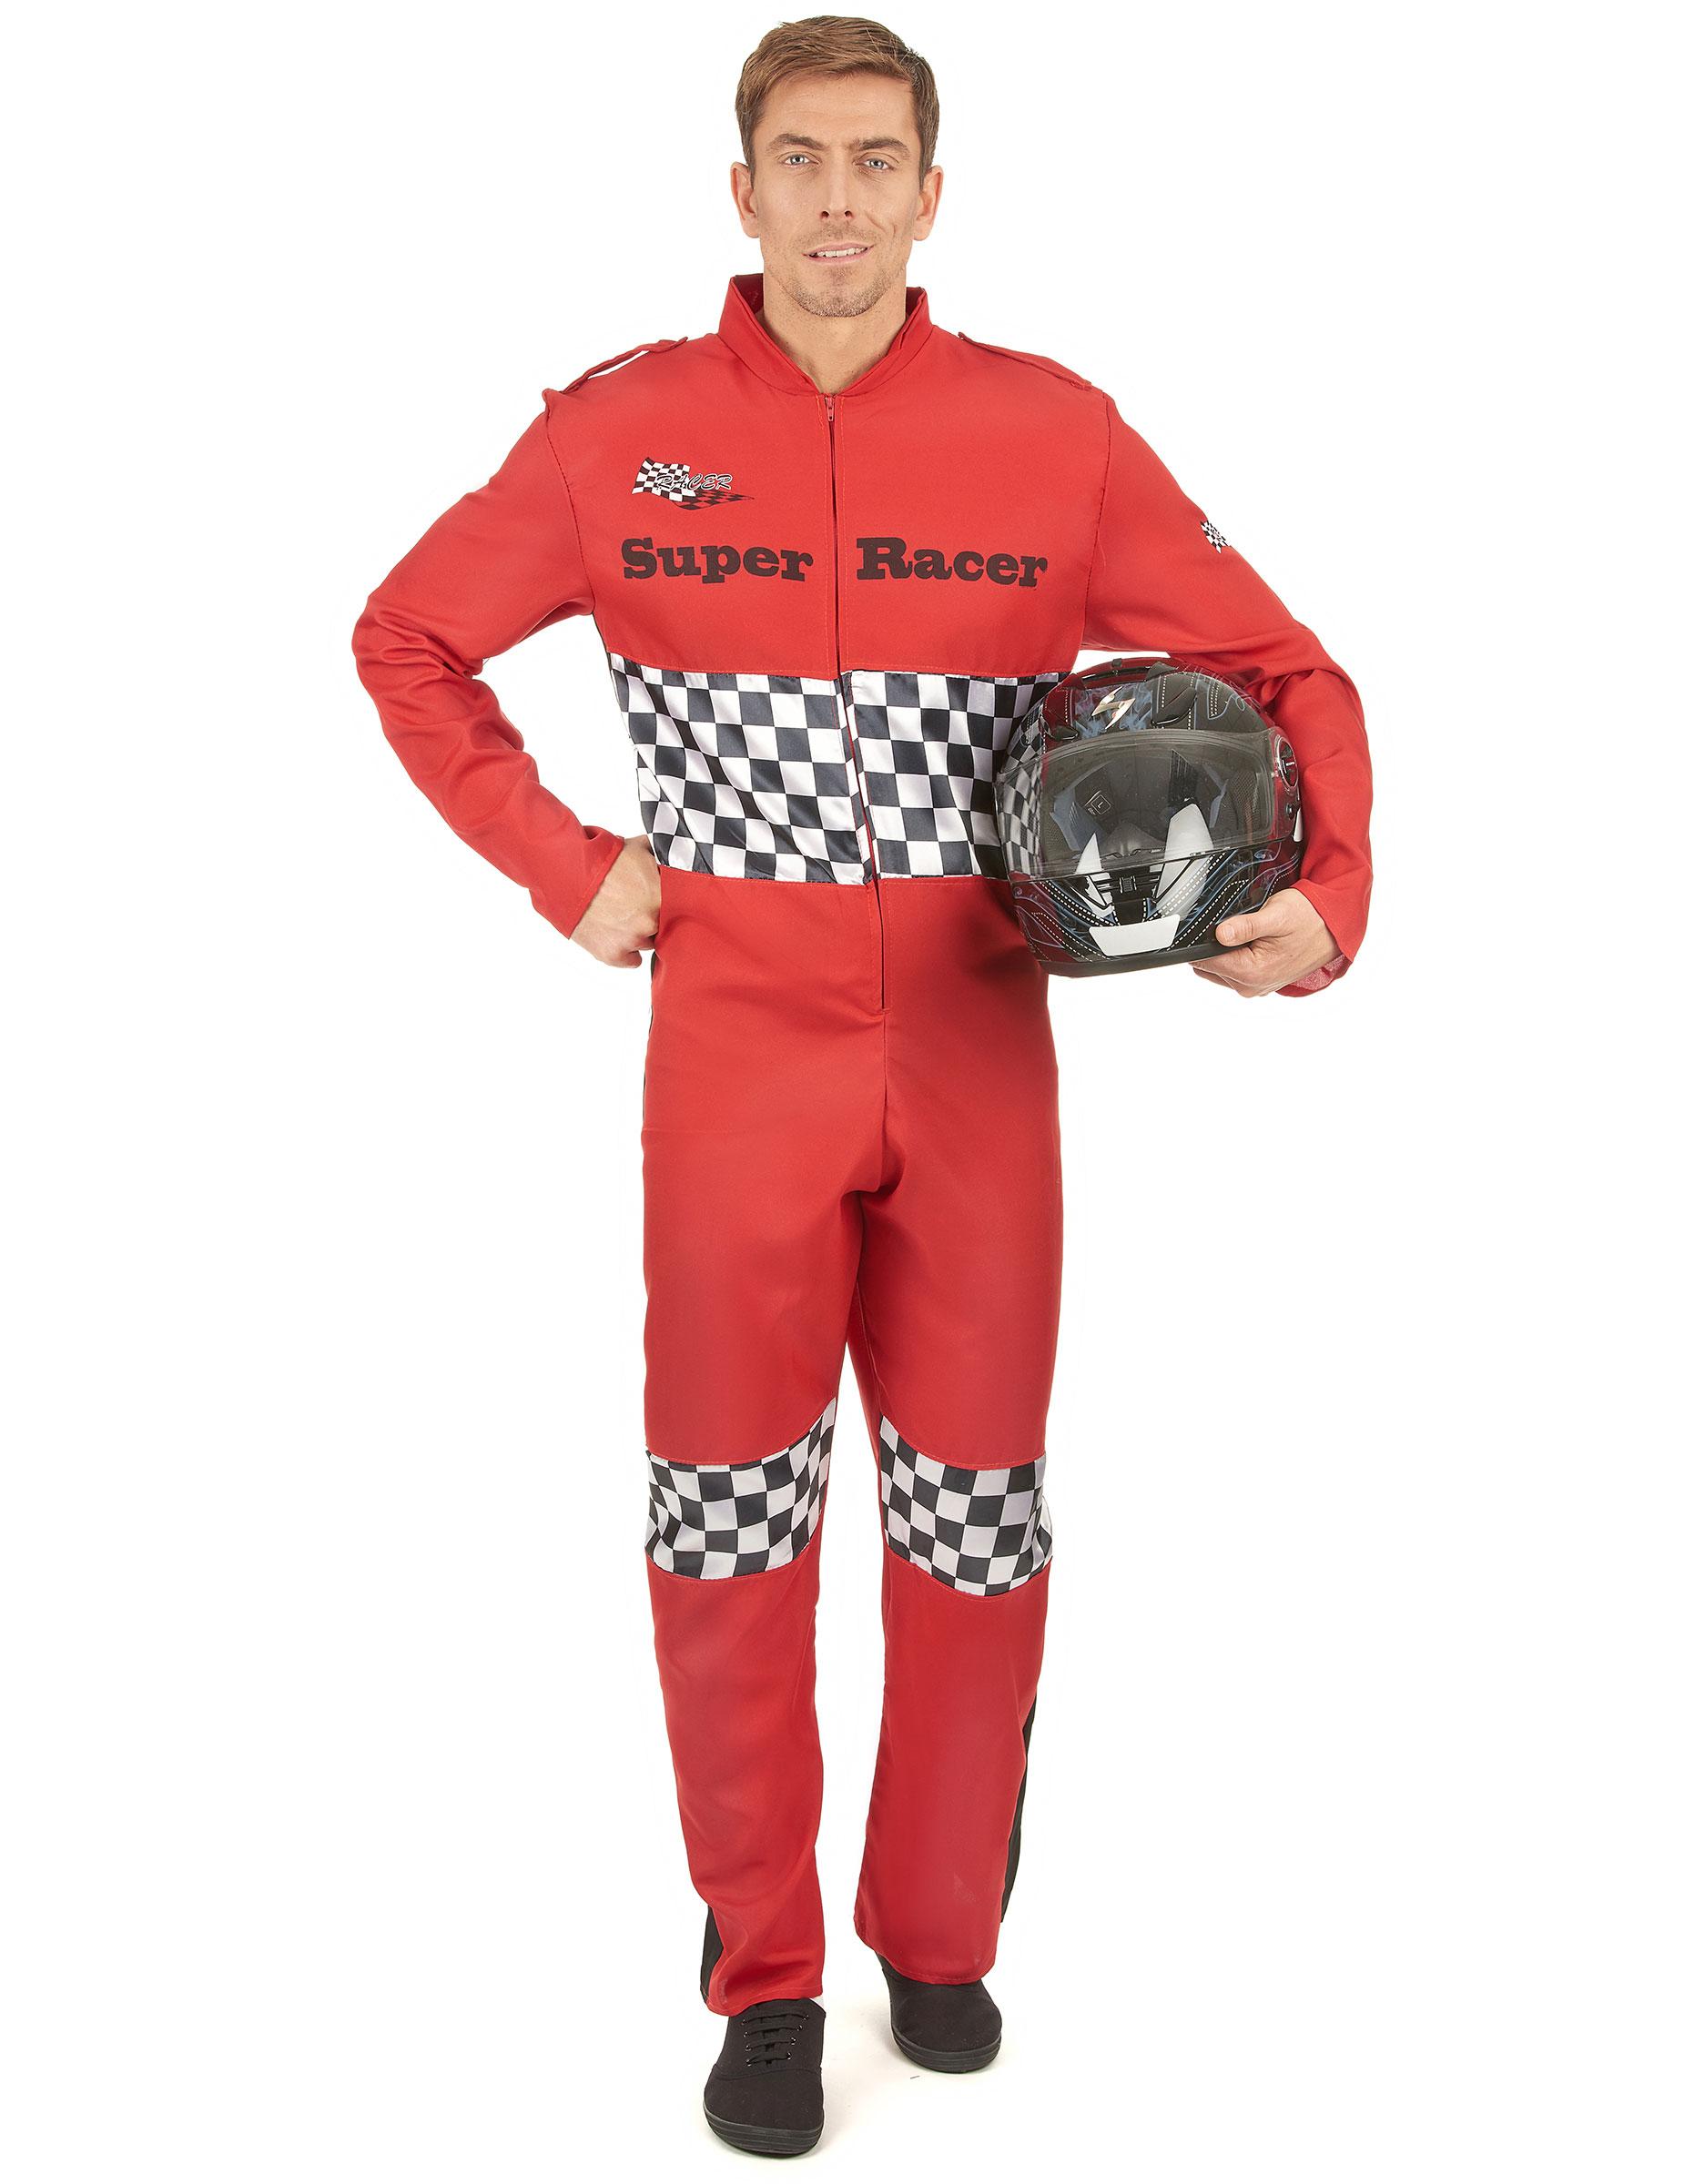 rennfahrer kost m rennfahrer anzug rot weiss schwarz. Black Bedroom Furniture Sets. Home Design Ideas